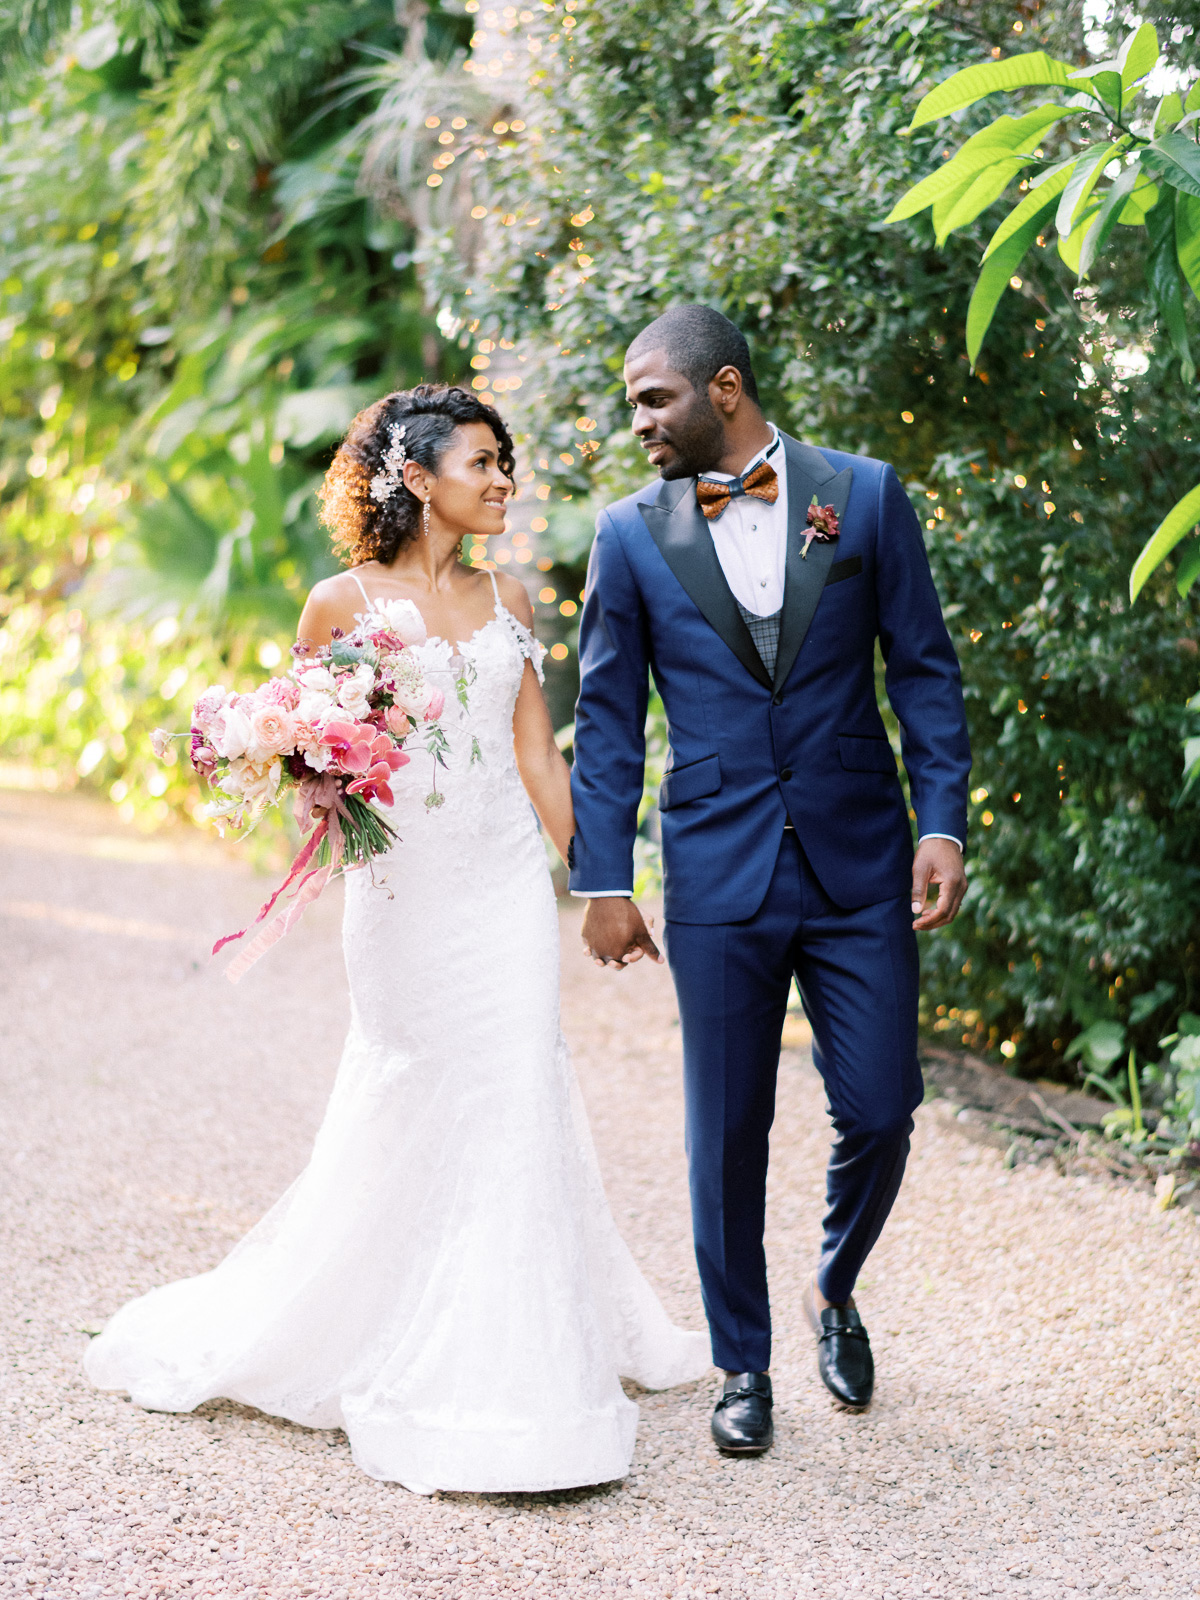 melissa lindsey wedding couple walking